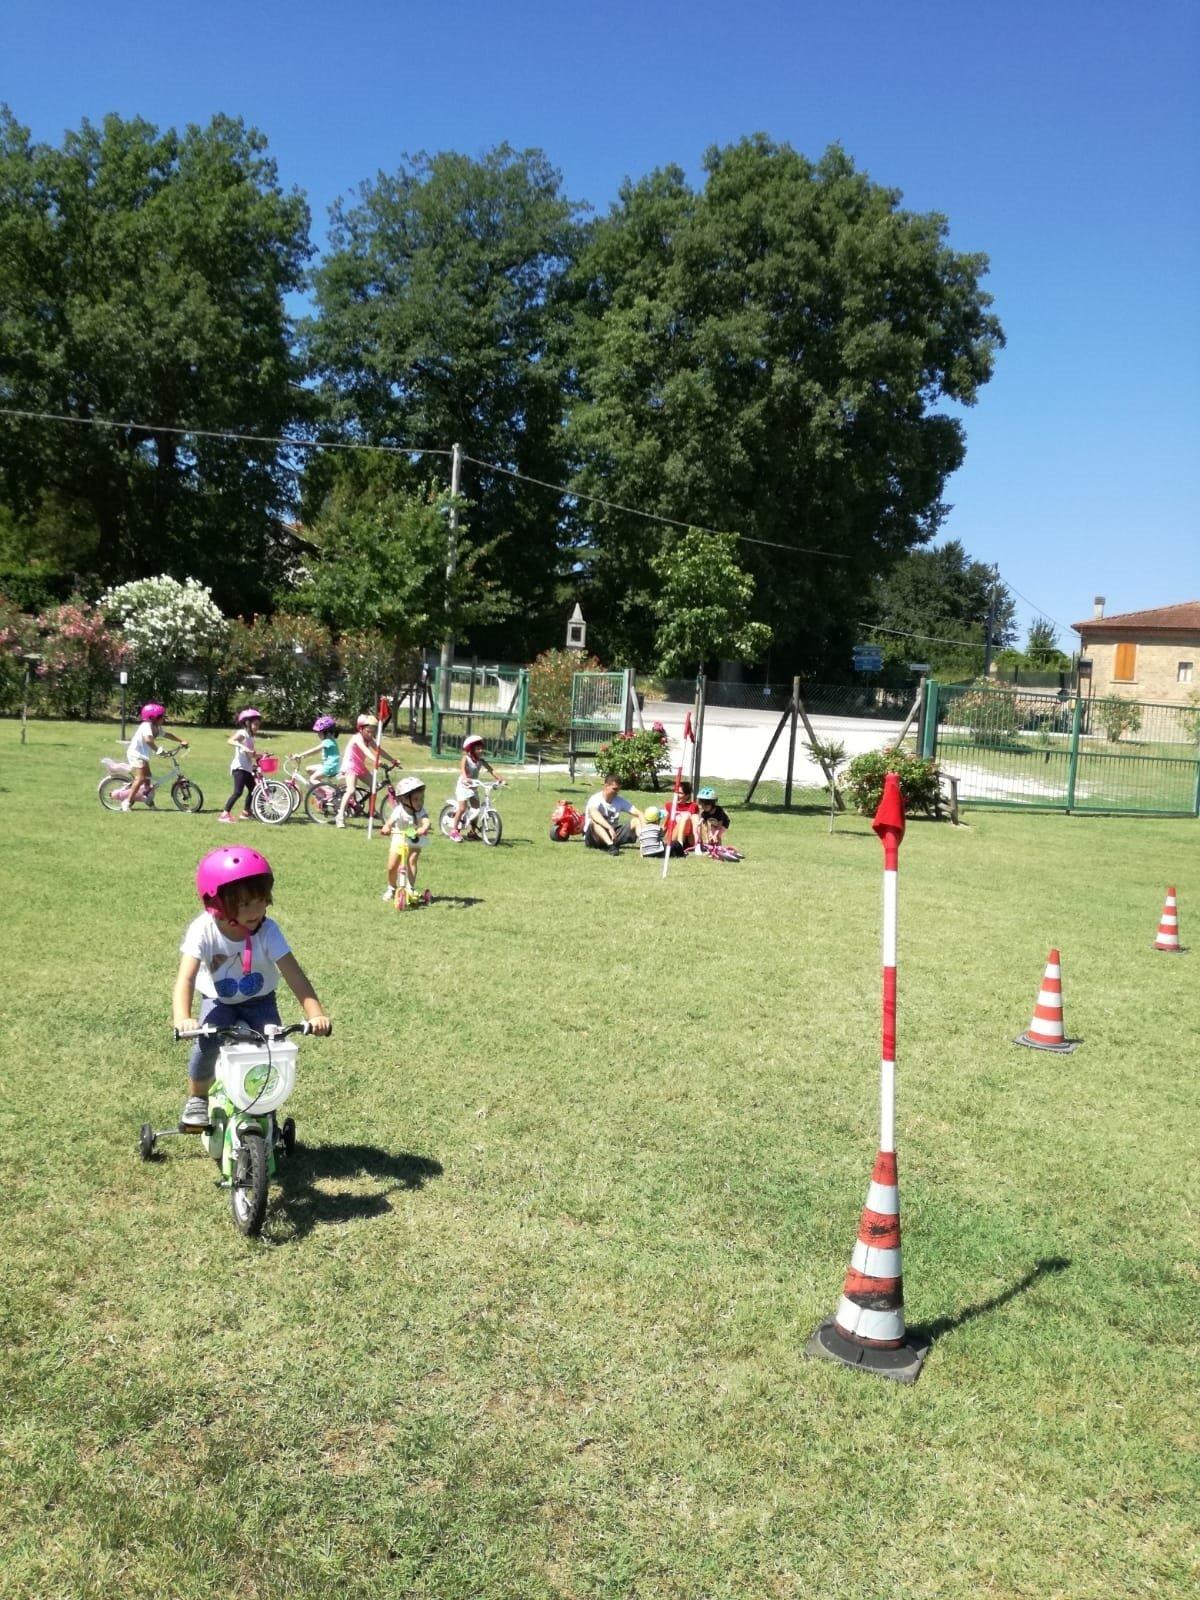 centro estivo 2019 | Associazione Equestre Vallesina